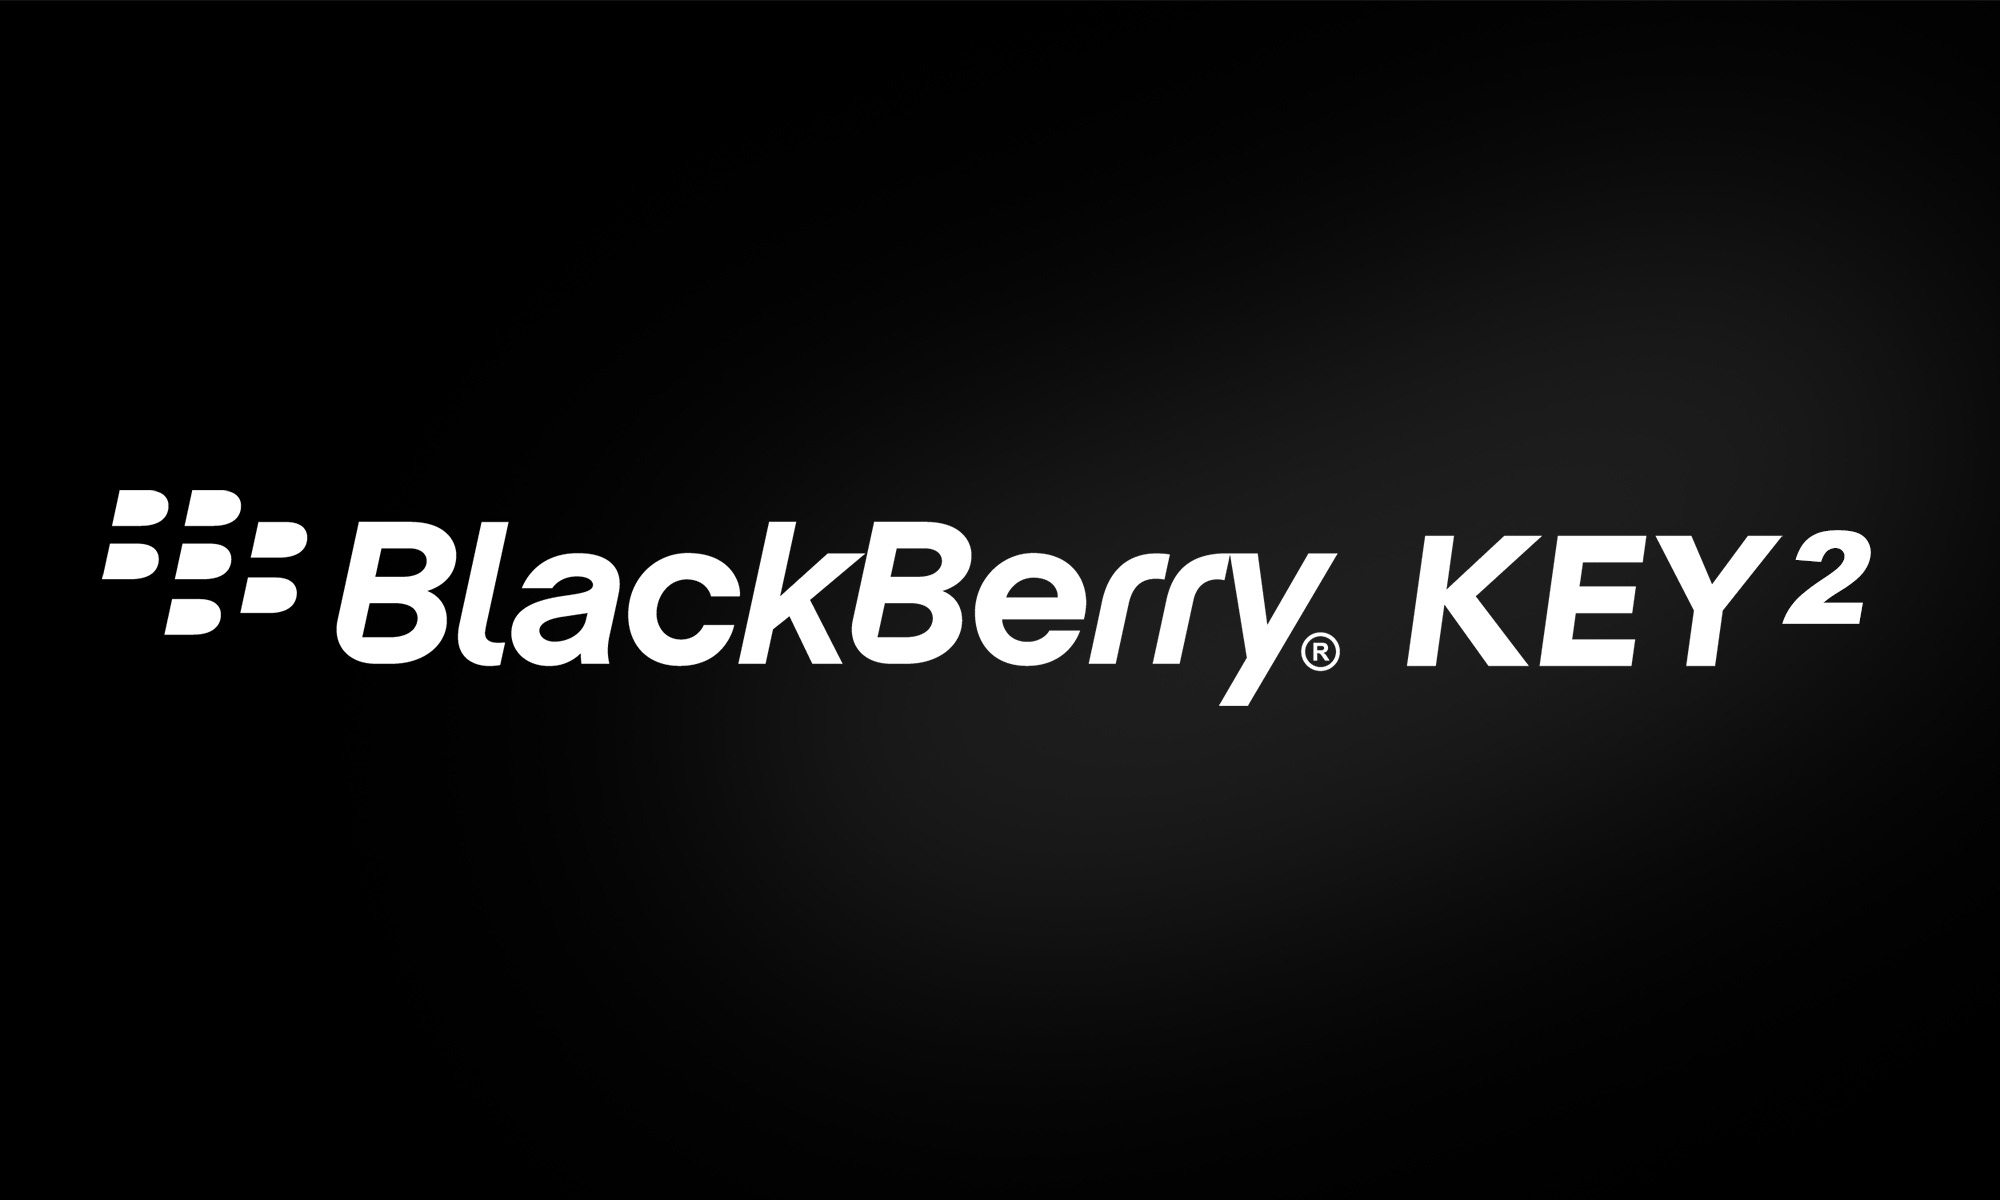 BlackBerry Key2: появились качественные изображения смартфона с физической клавиатурой